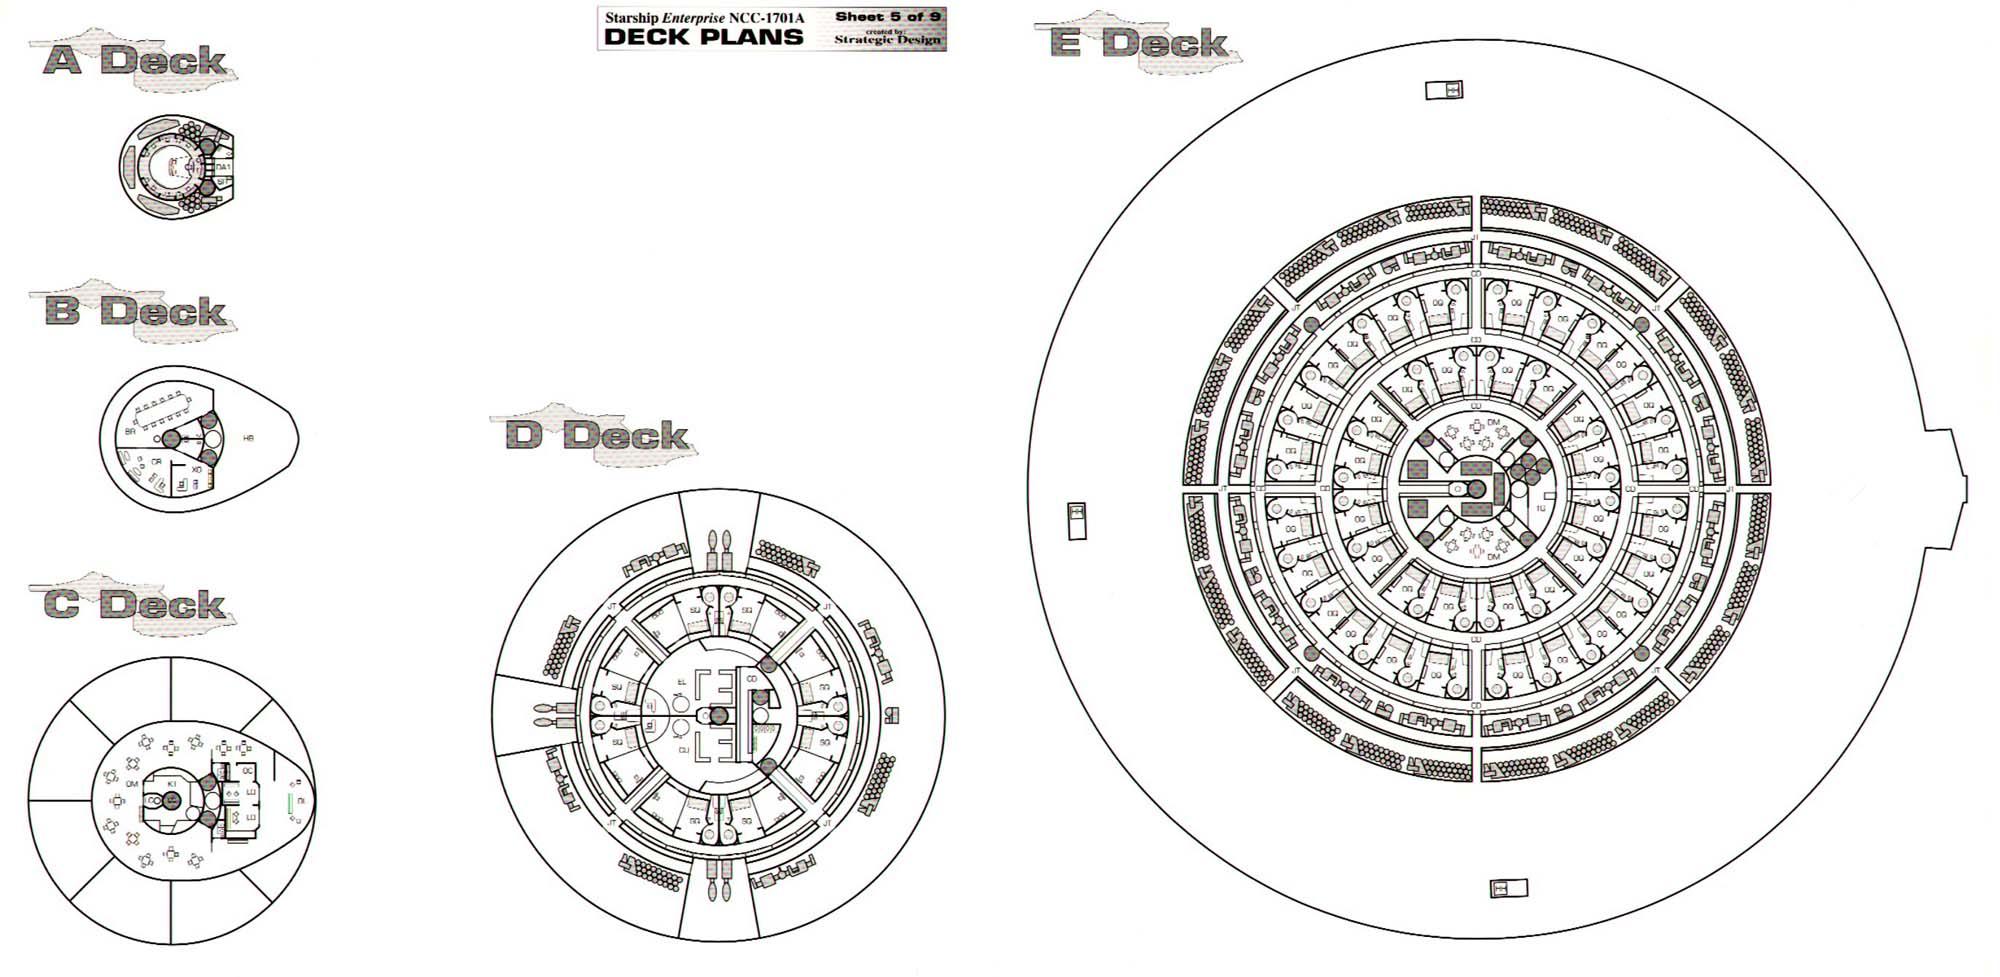 U S S Enterprise Ncc A Deck Plans